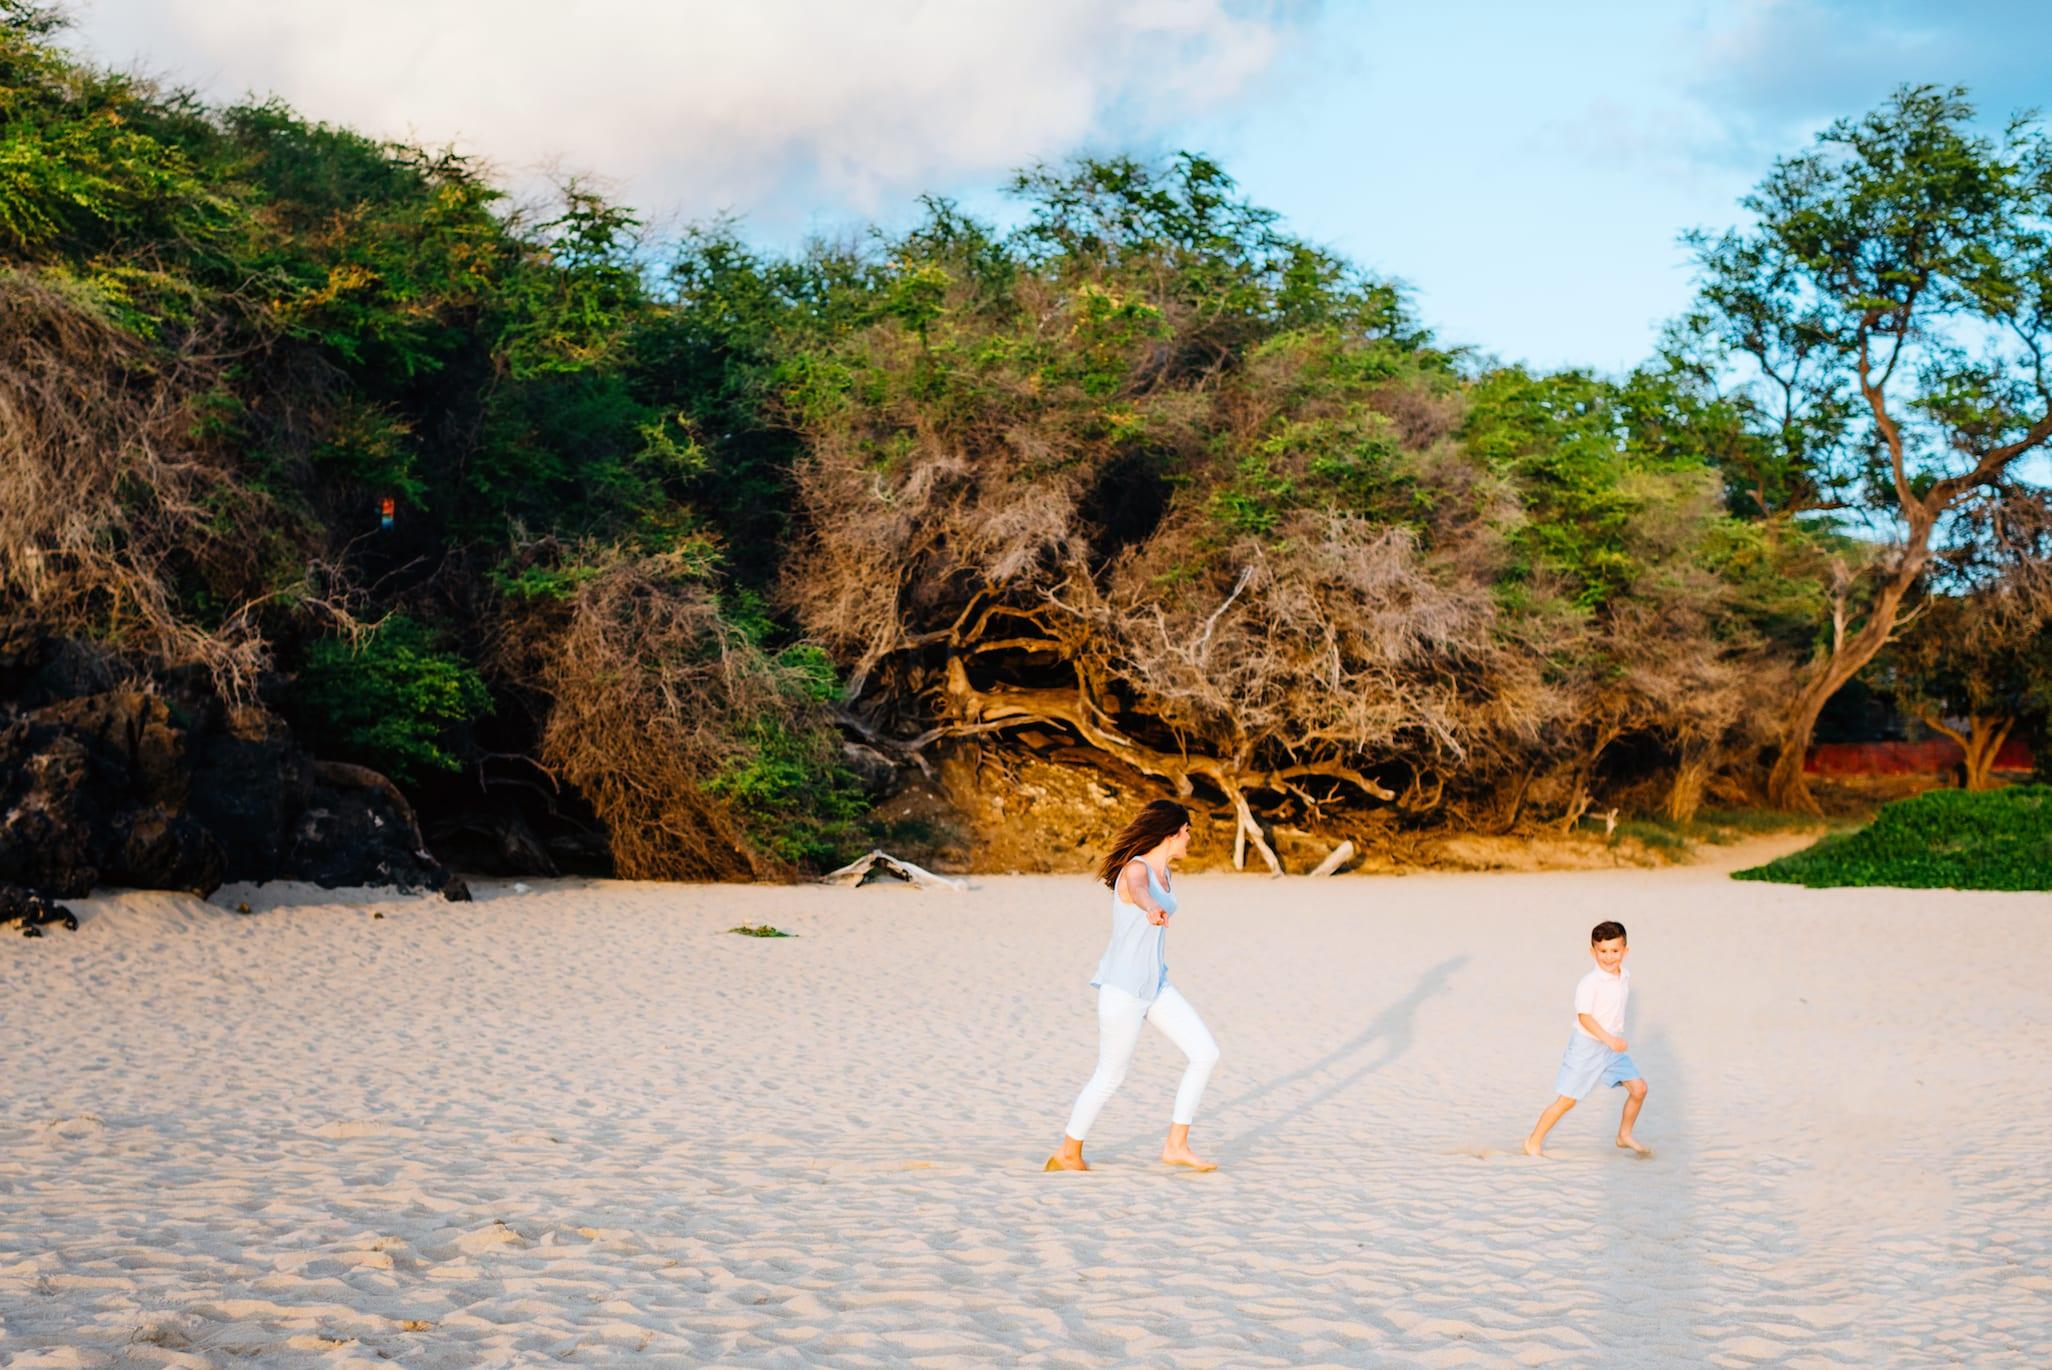 Waikoloa-Family-Vacation-Photographer-04.jpg